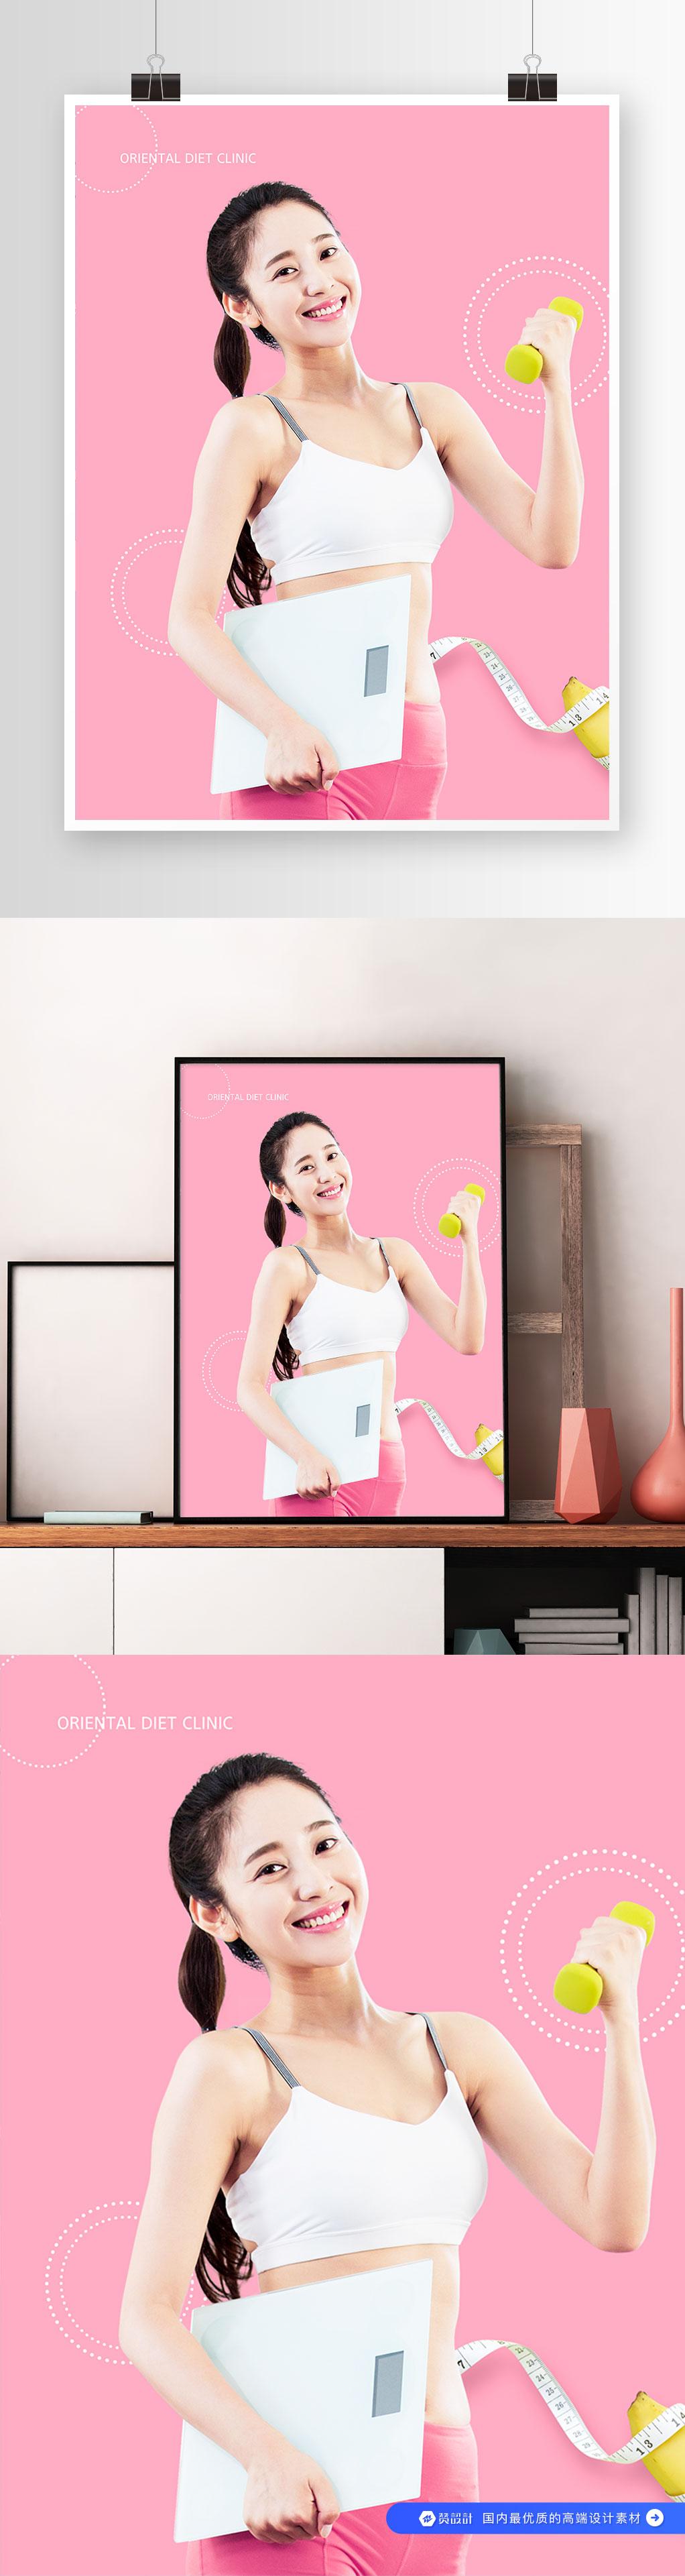 健身饮食瘦身减肥产品海报